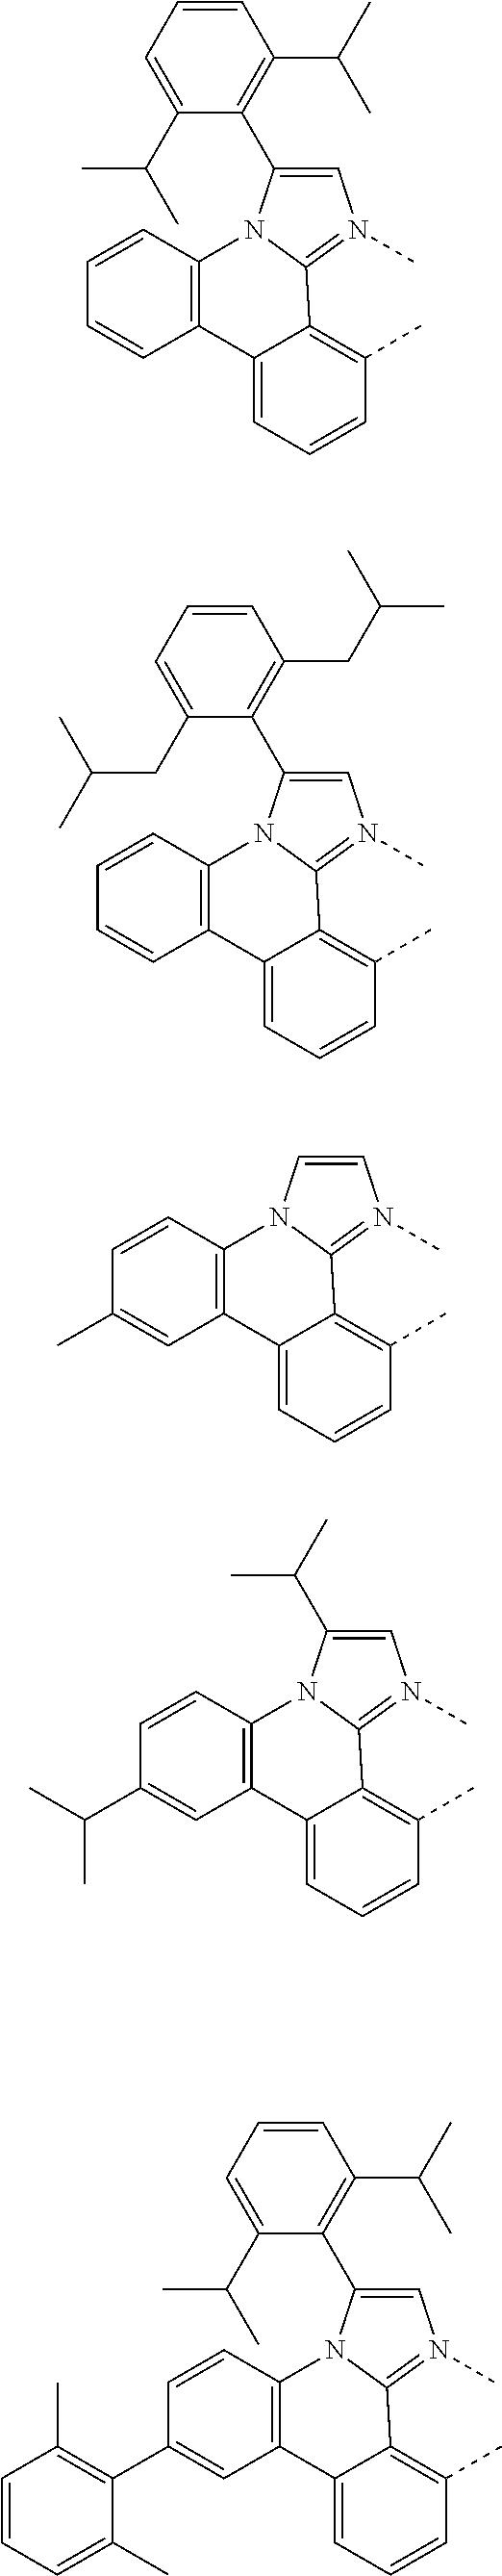 Figure US09773985-20170926-C00269